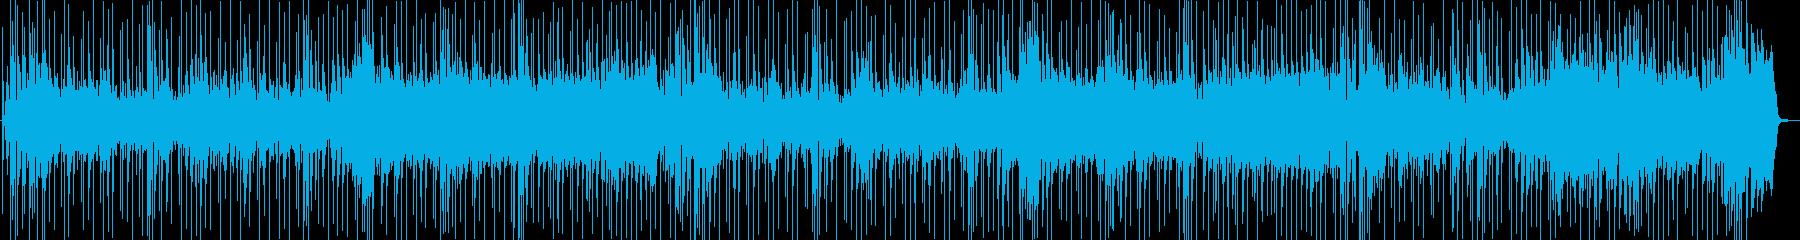 ゆったりとした70'sニューミュージックの再生済みの波形